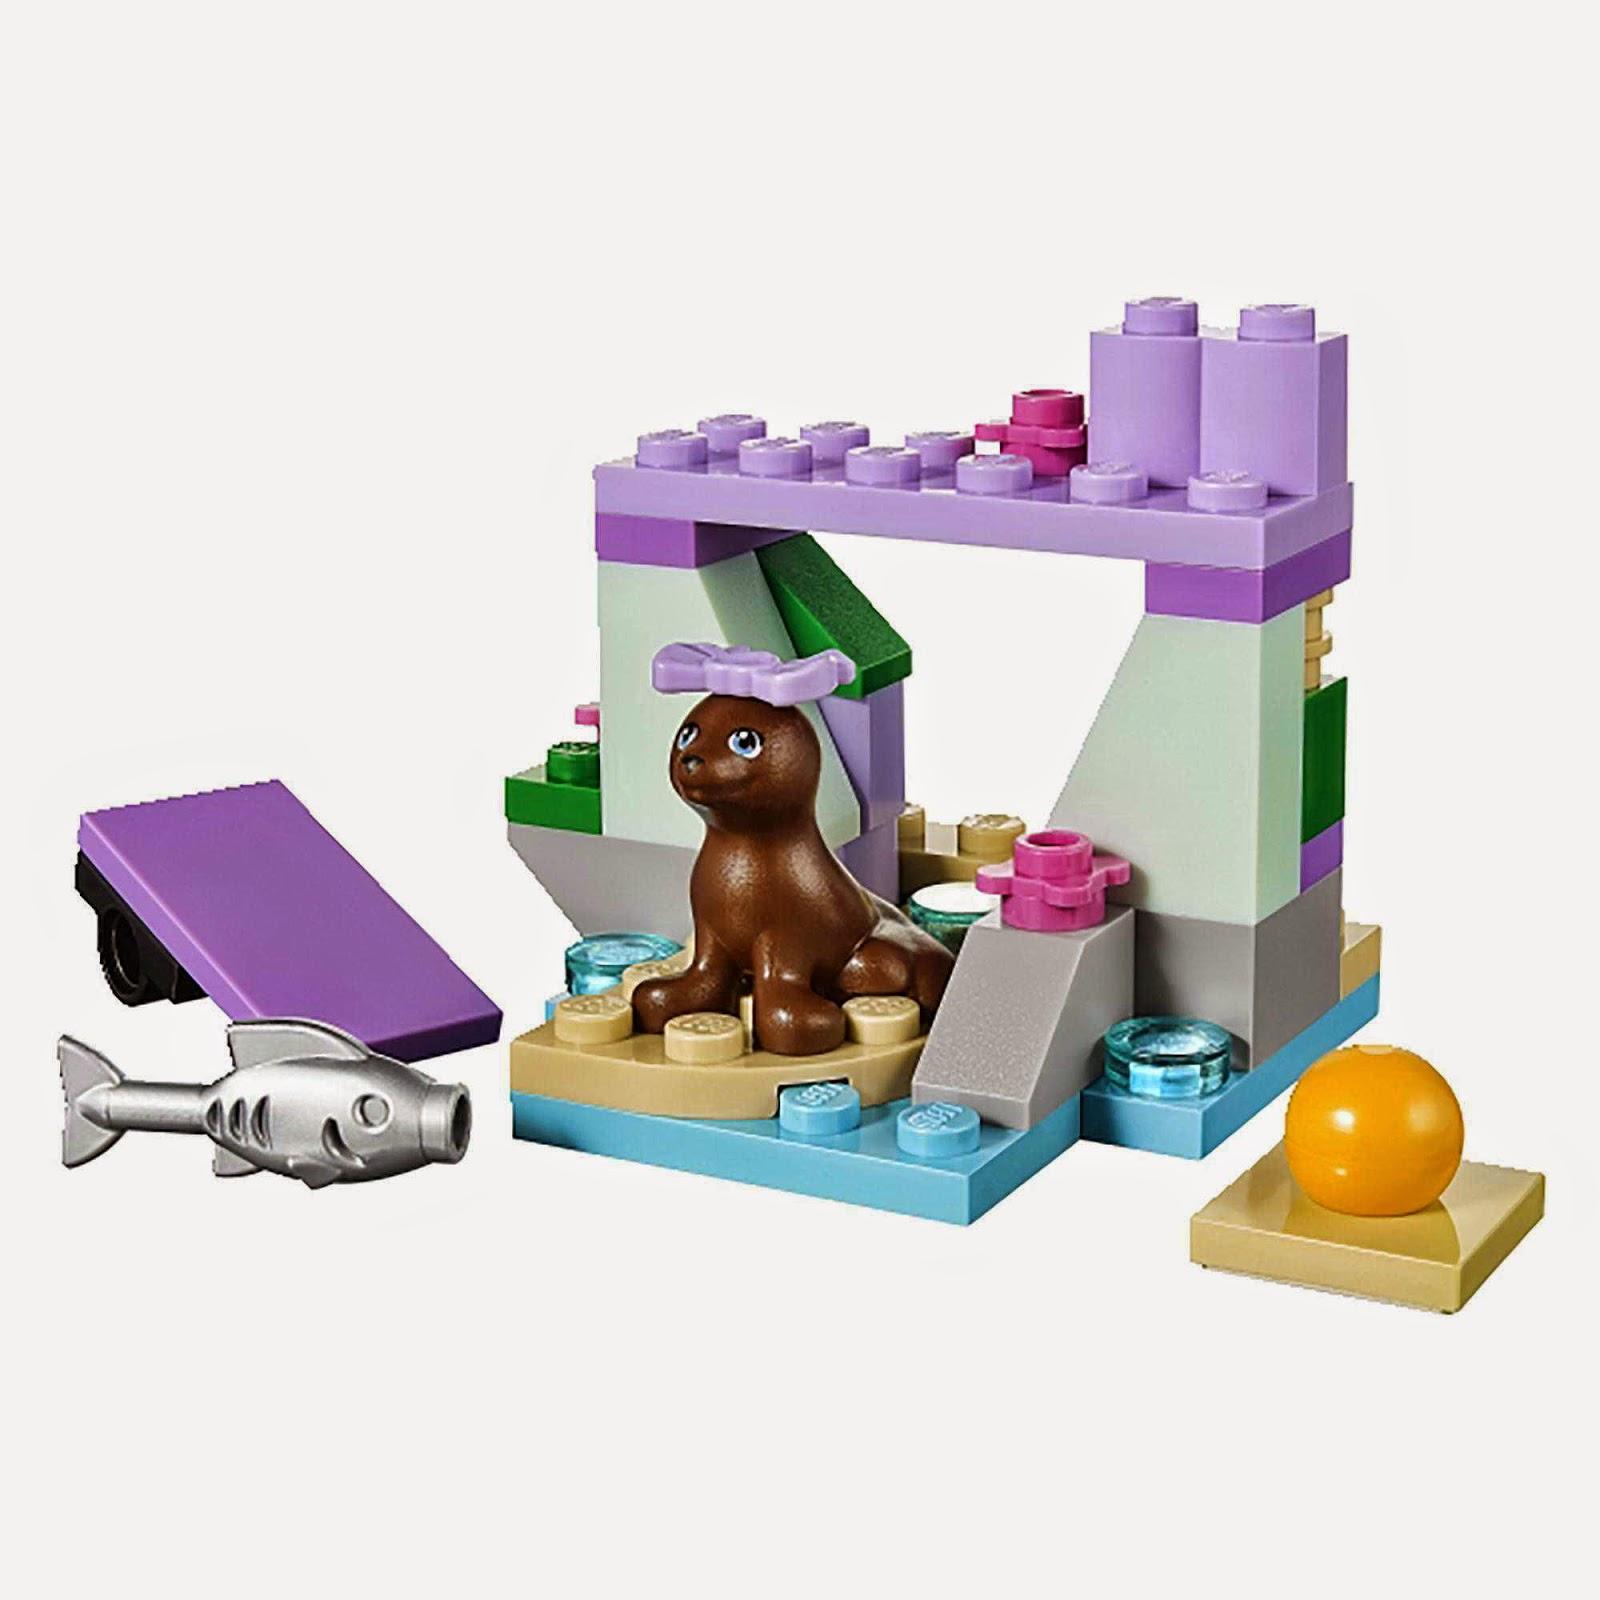 LEGO 41047